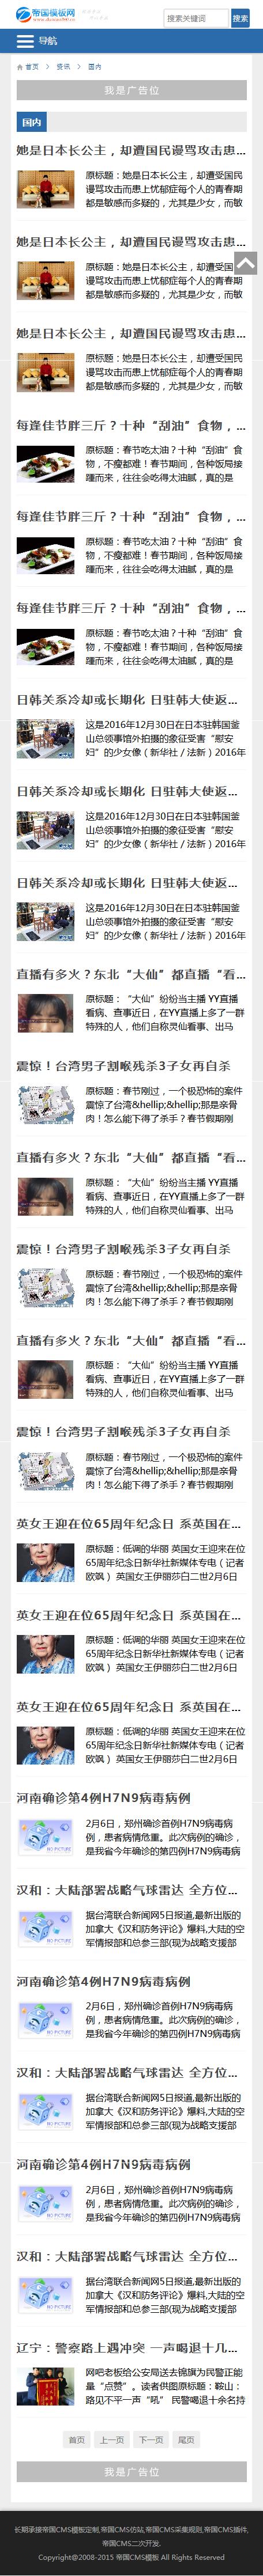 帝国cms自适应模板之蓝色新闻资讯类文章图库模板_手机版文章列表模板